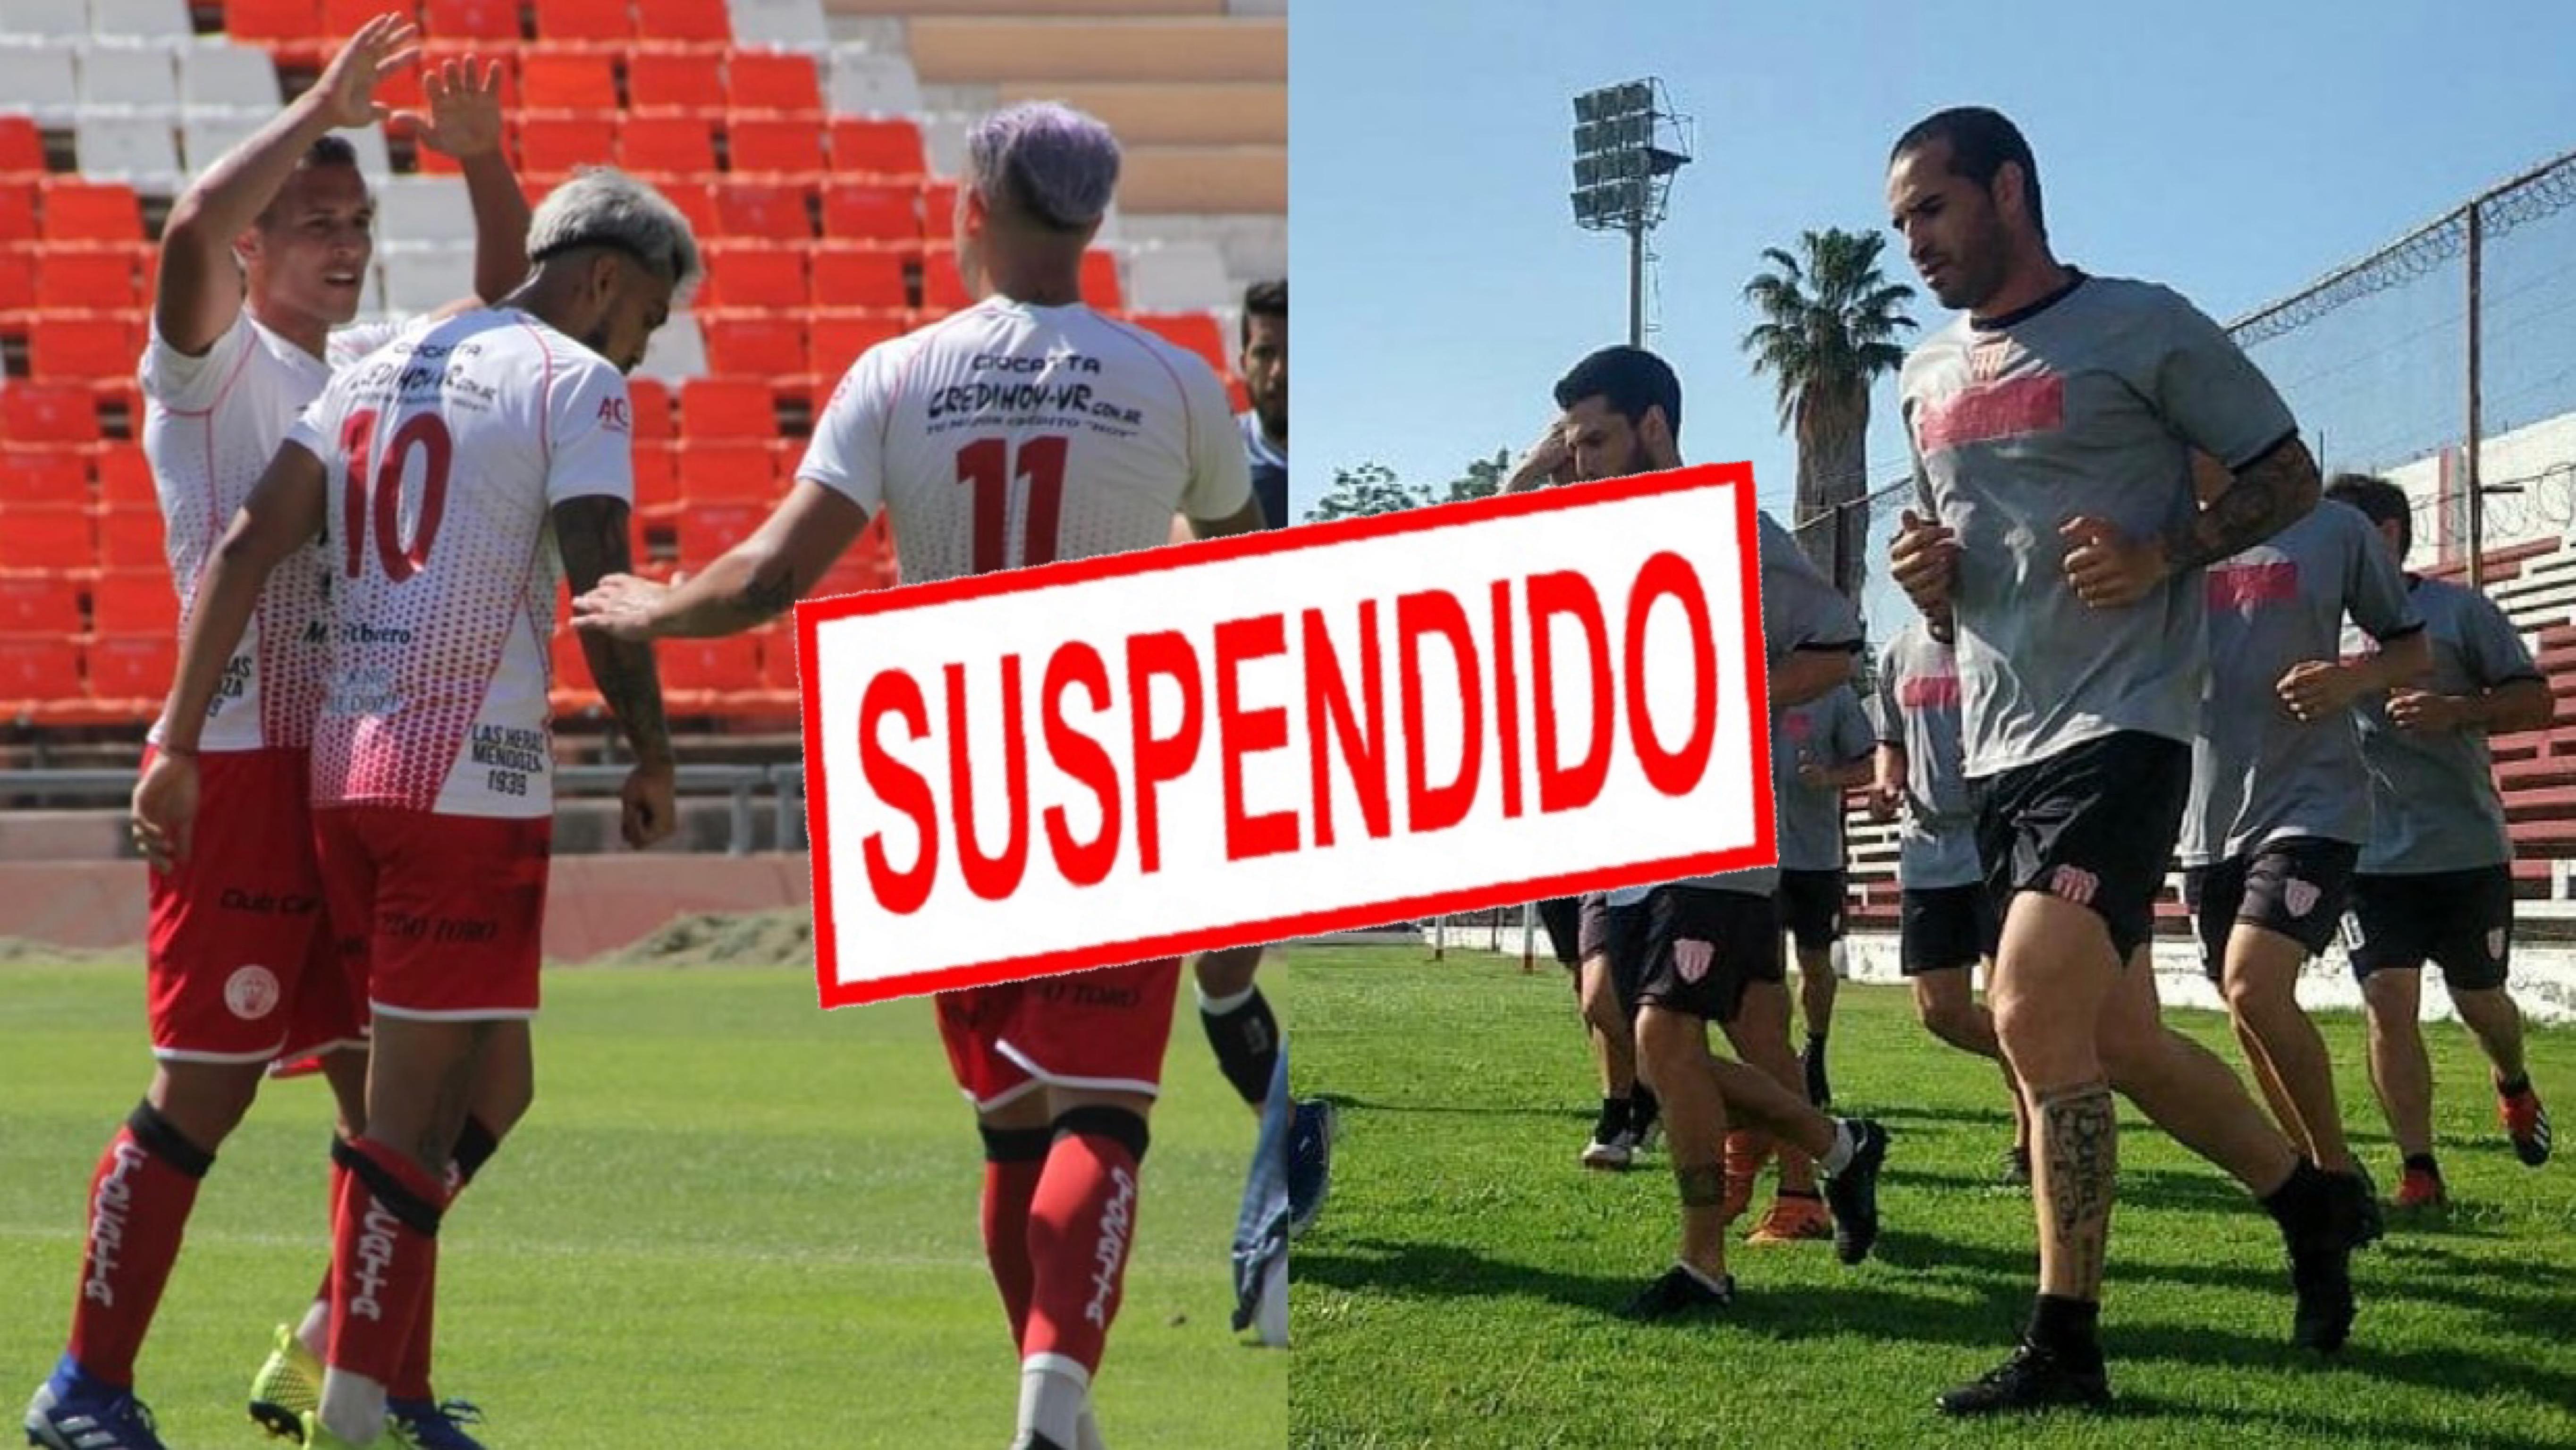 Se suspendió el partido entre San Martín y Huracán Las Heras